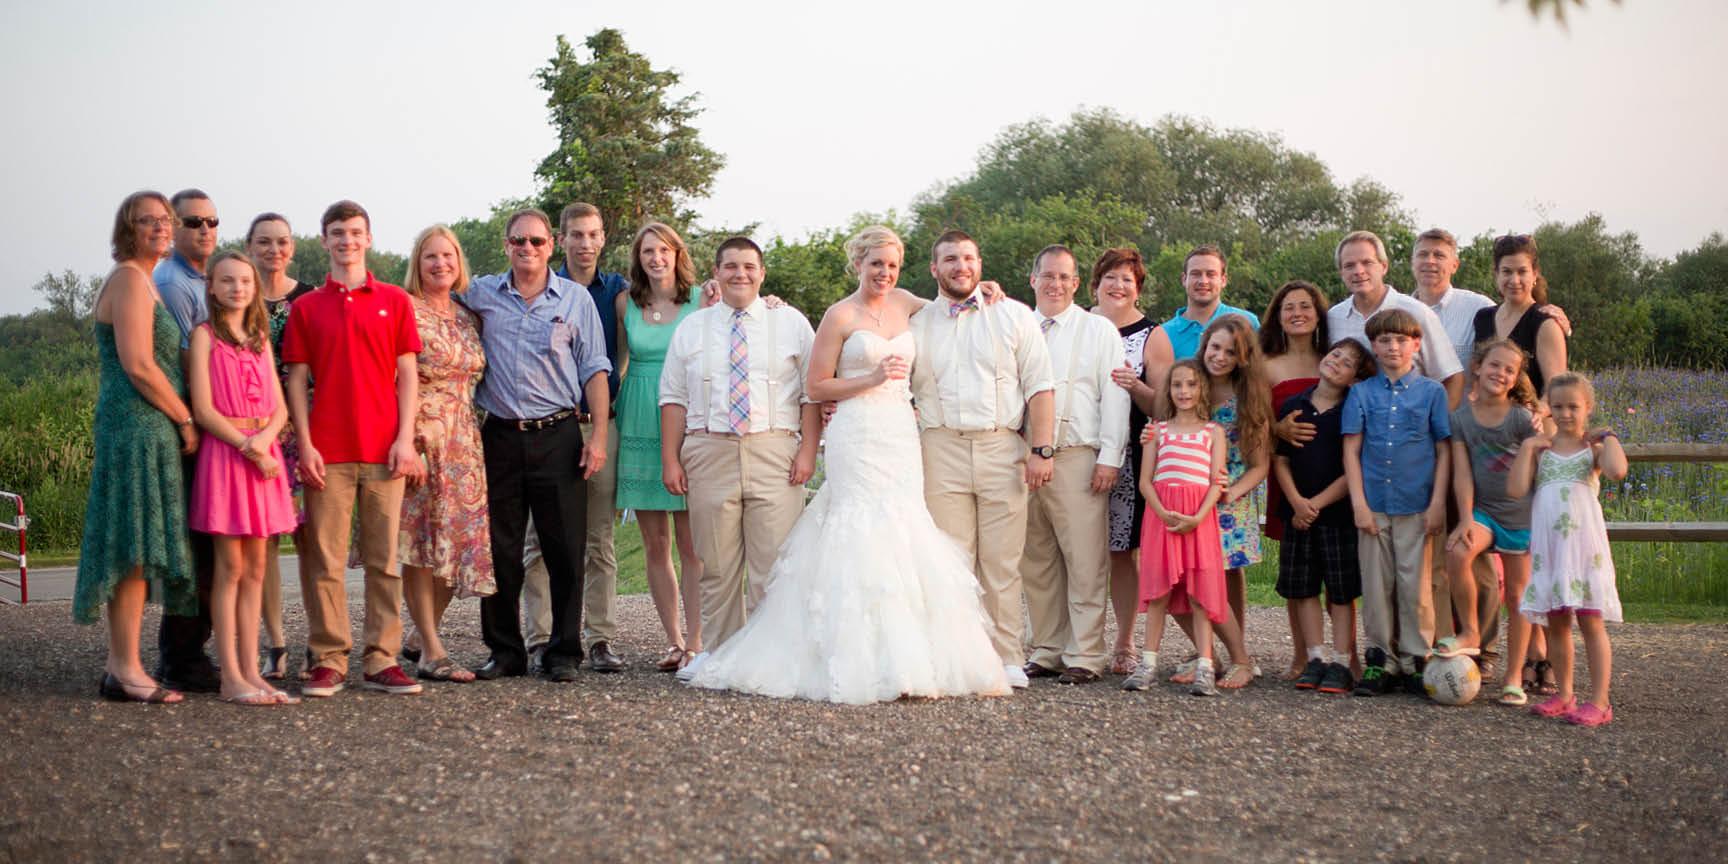 The bride's large family portrait.